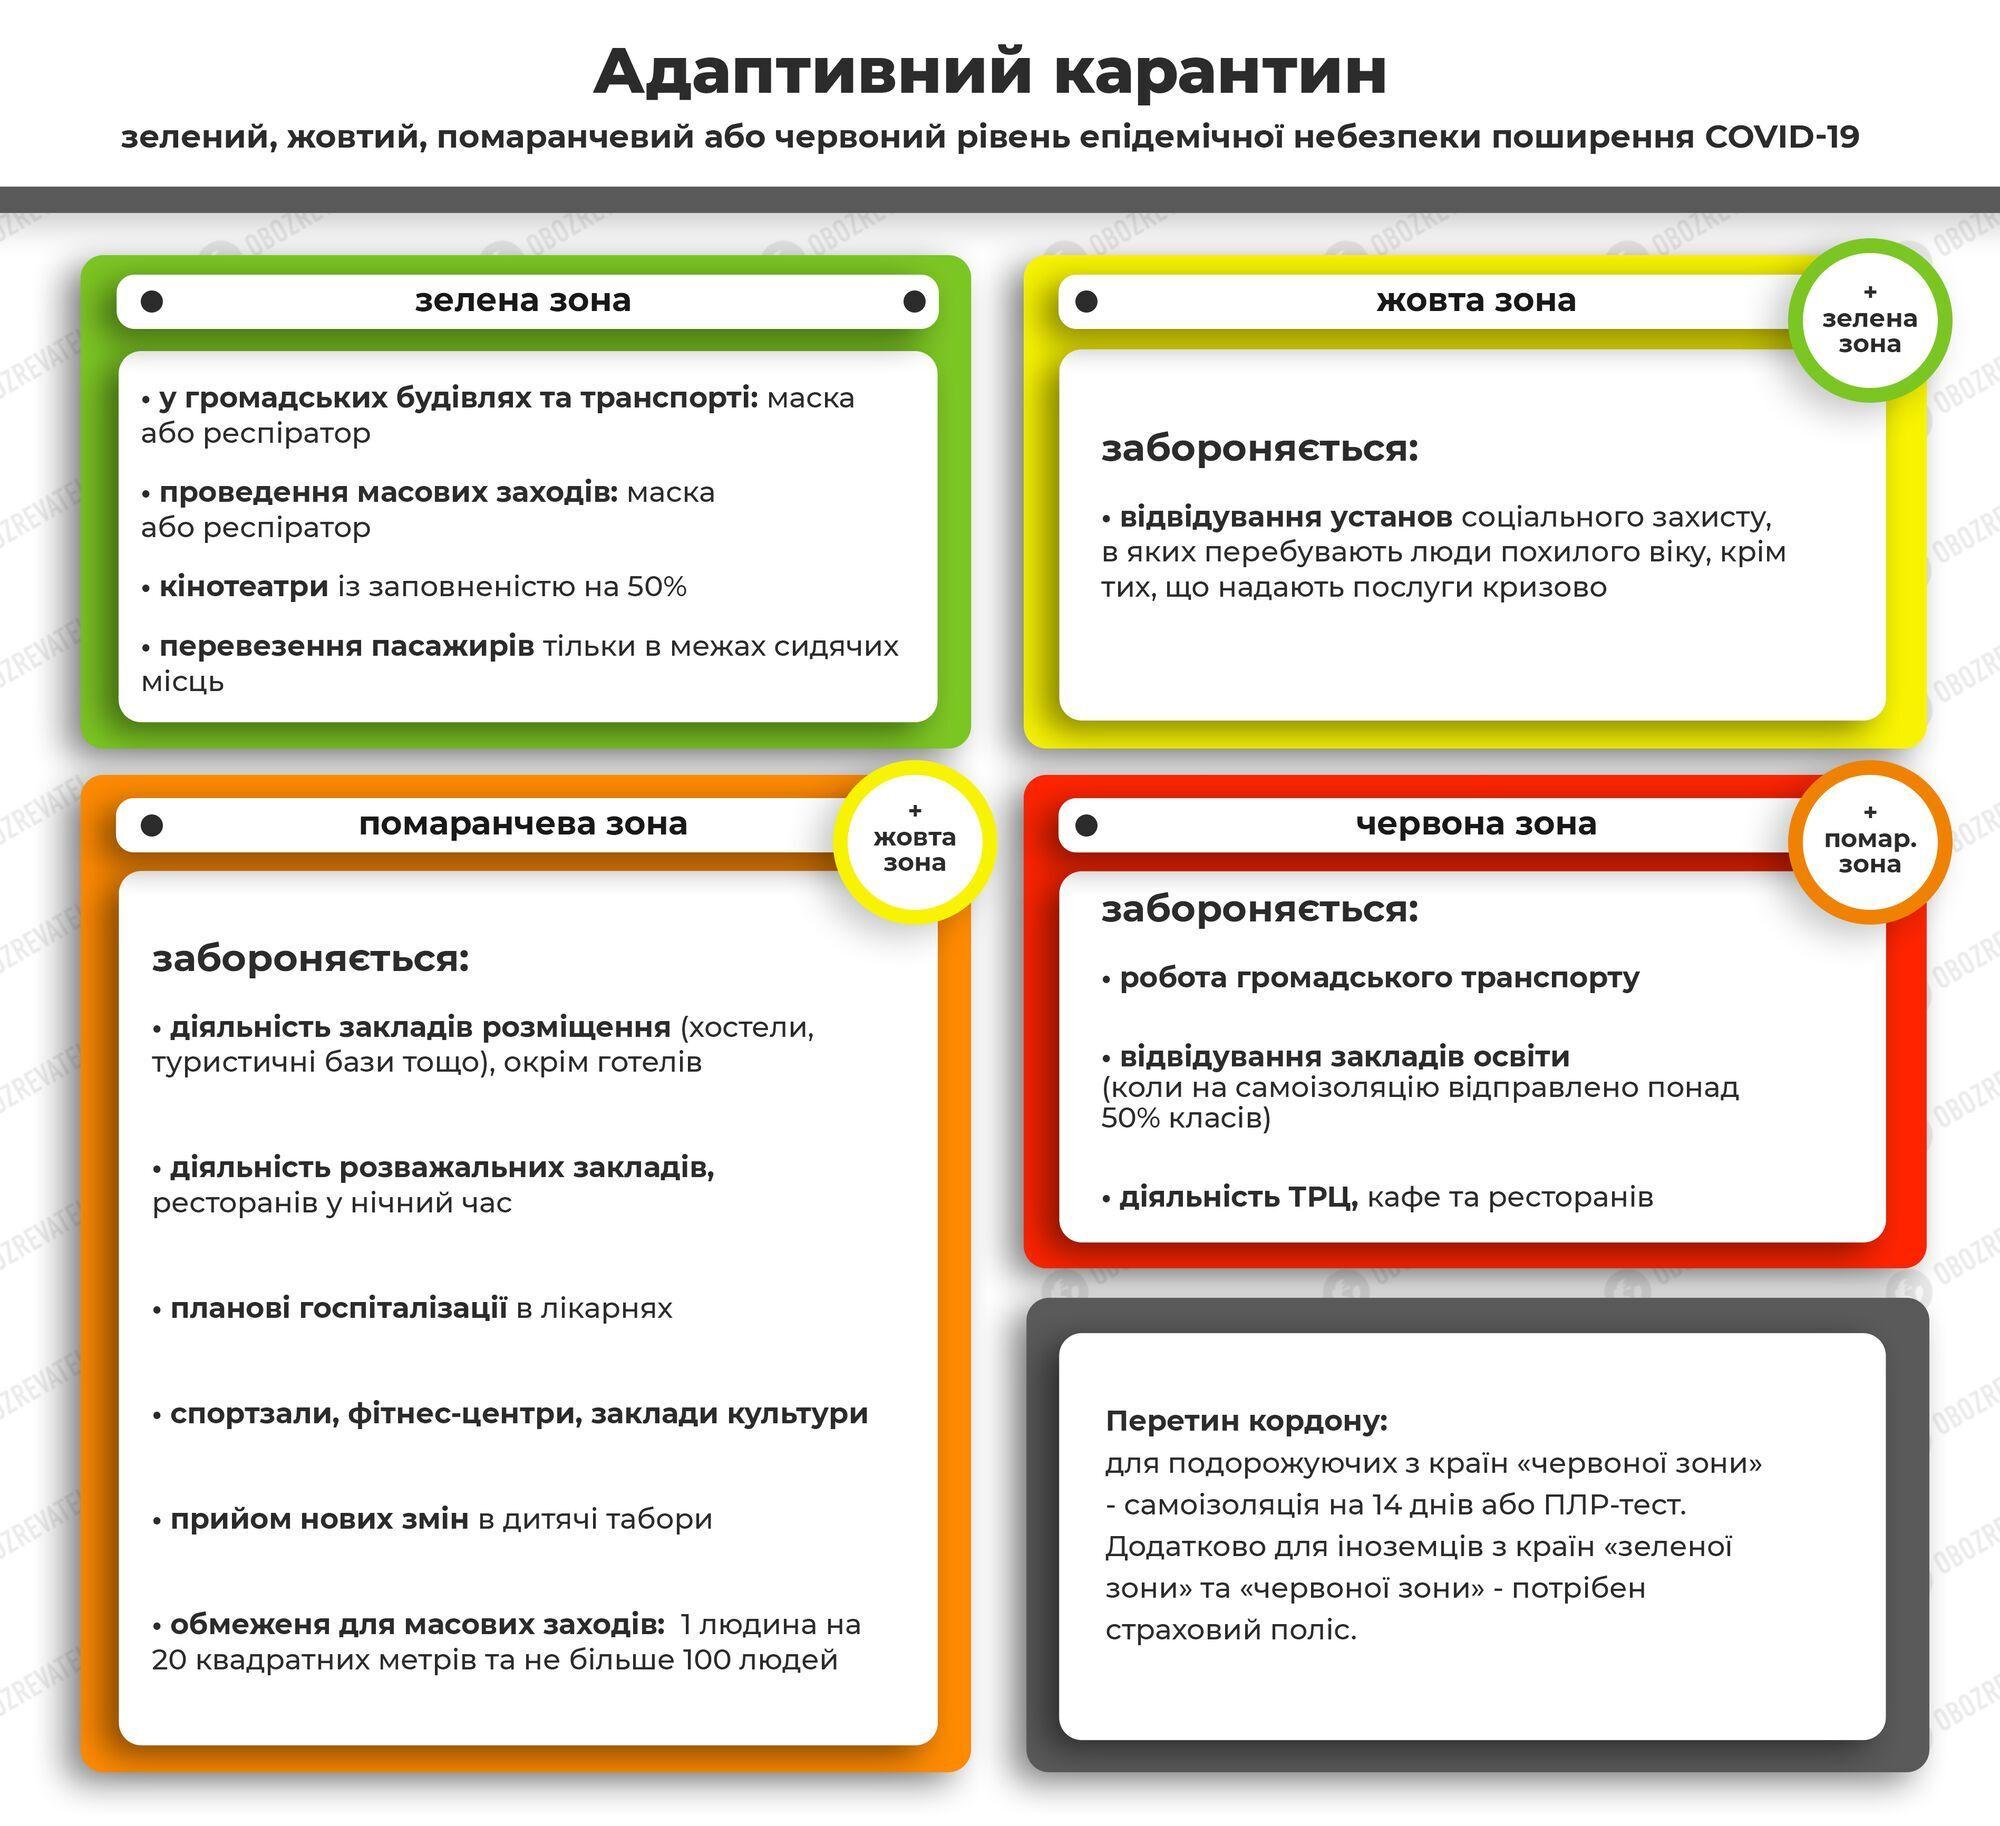 """В Украине """"желтая"""" зона расширилась до 15 регионов: Минздрав обновил список"""